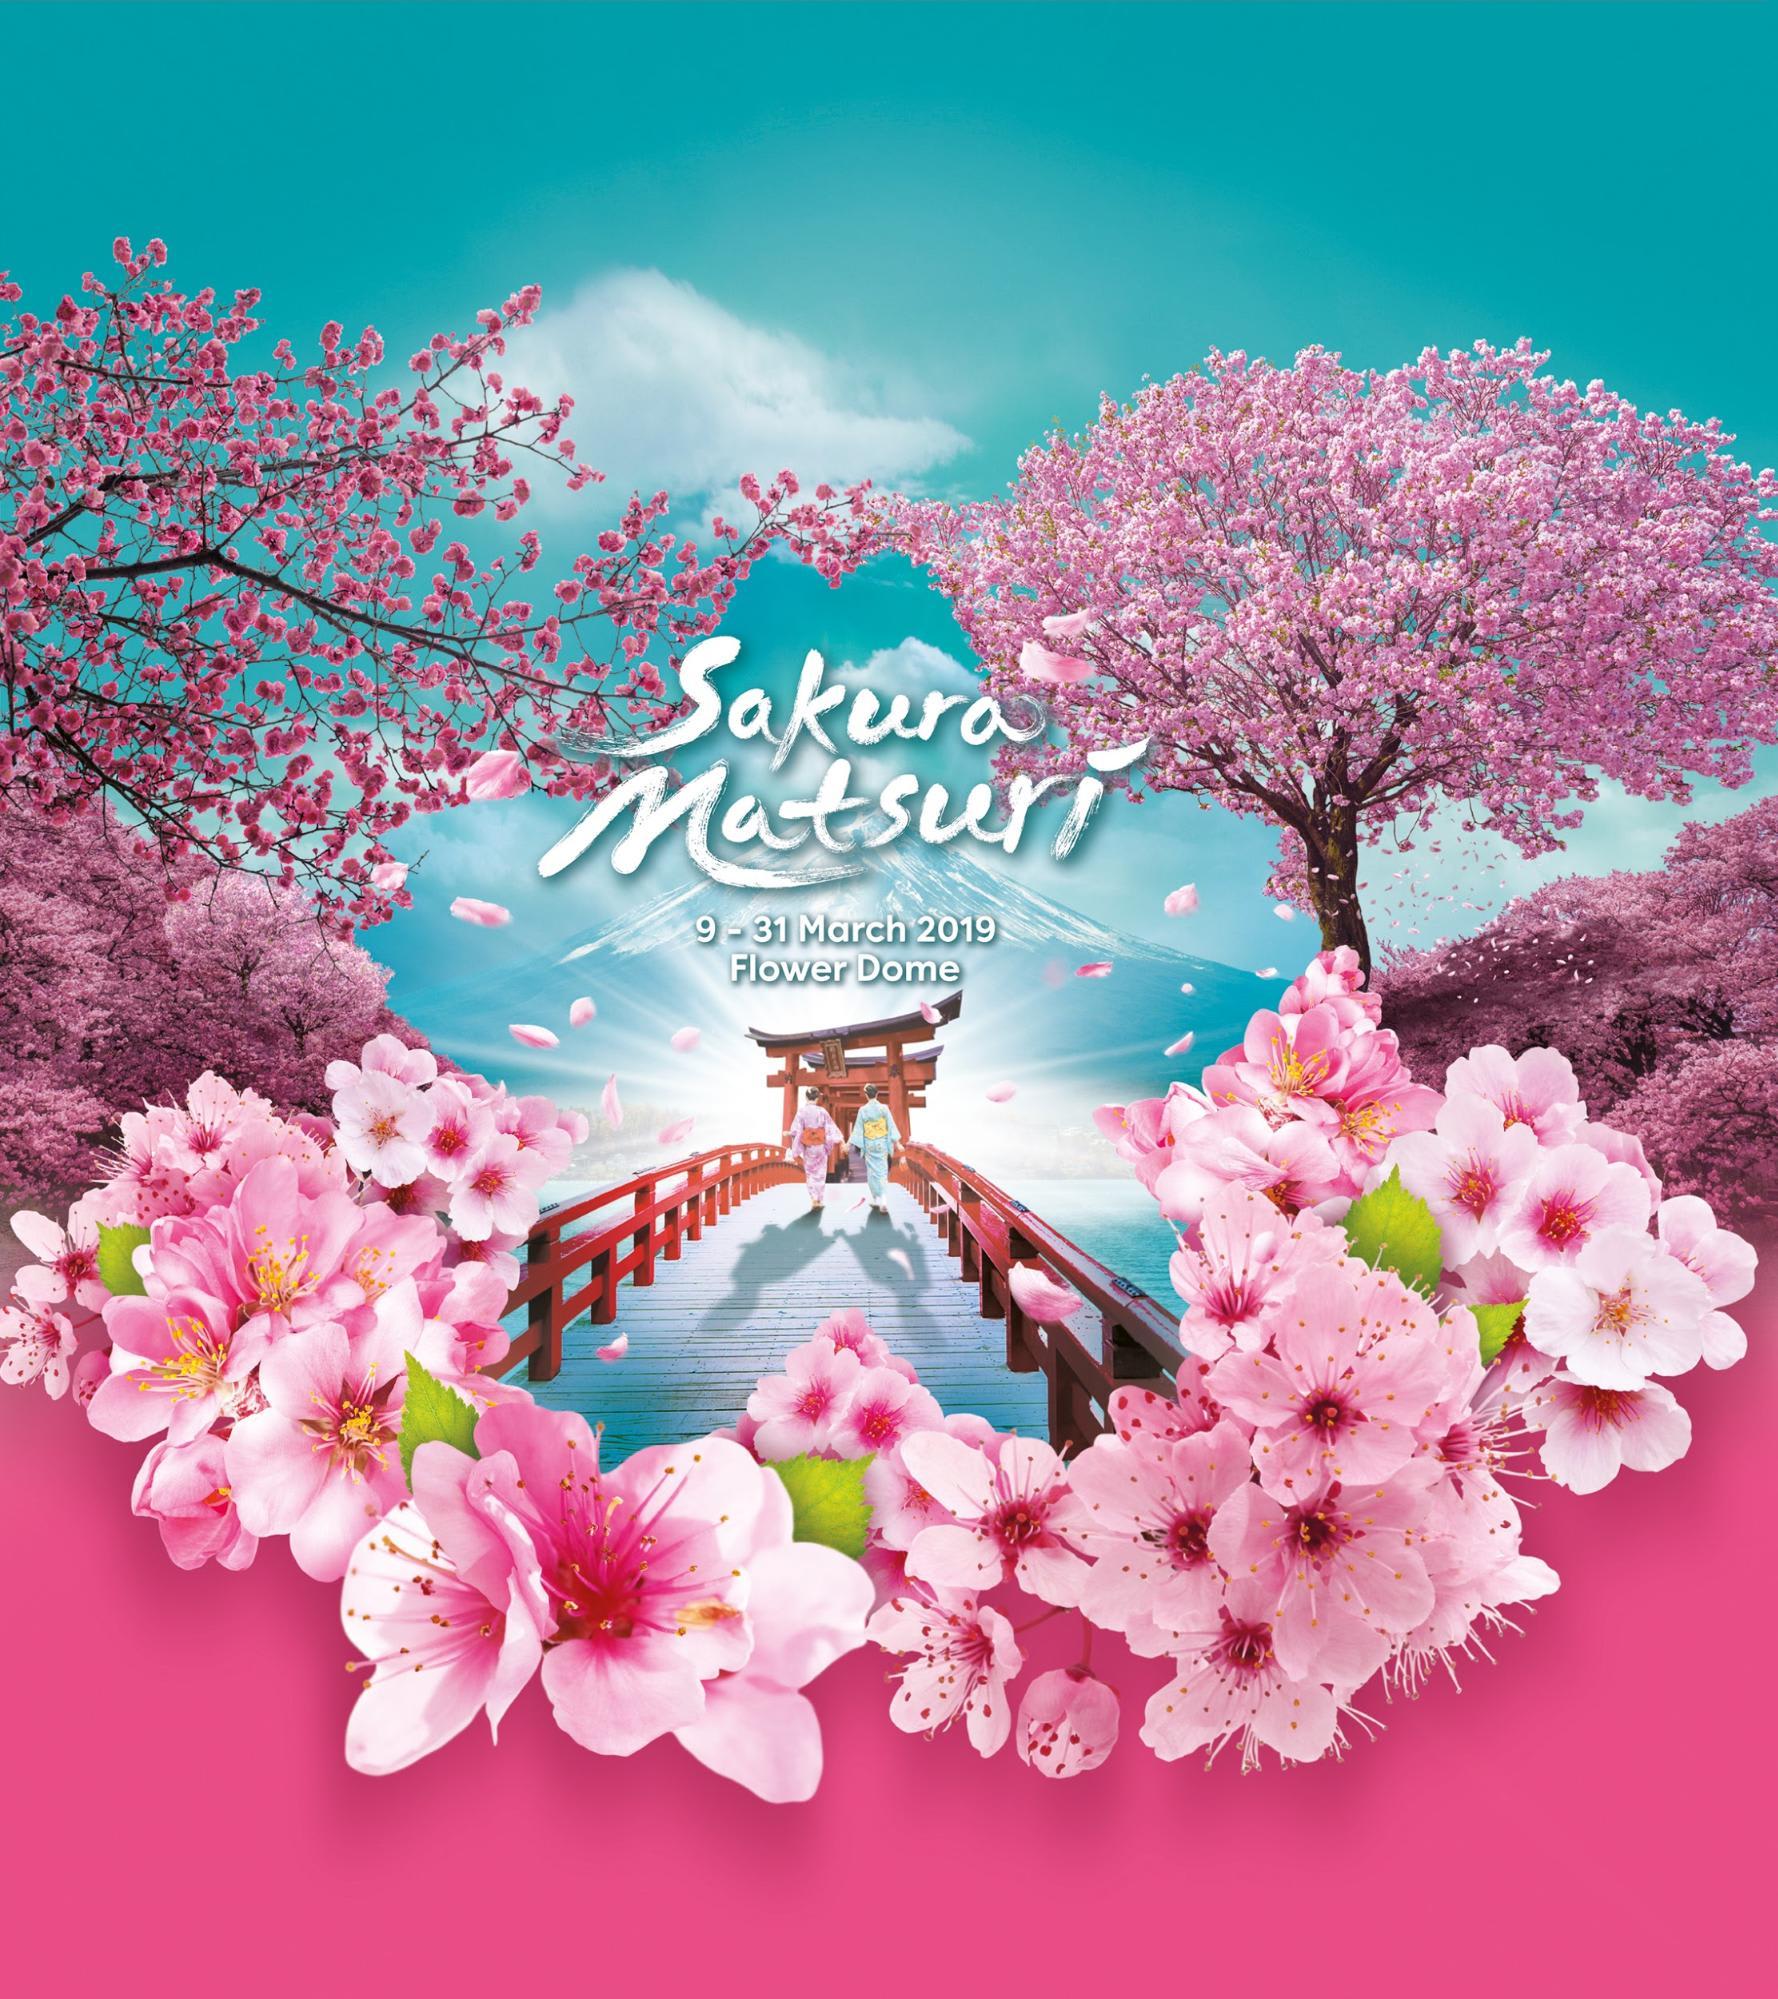 dung lo neu ban lo mat mua hoa anh dao o nhat singapore cung co hoa anh dao cho ban3